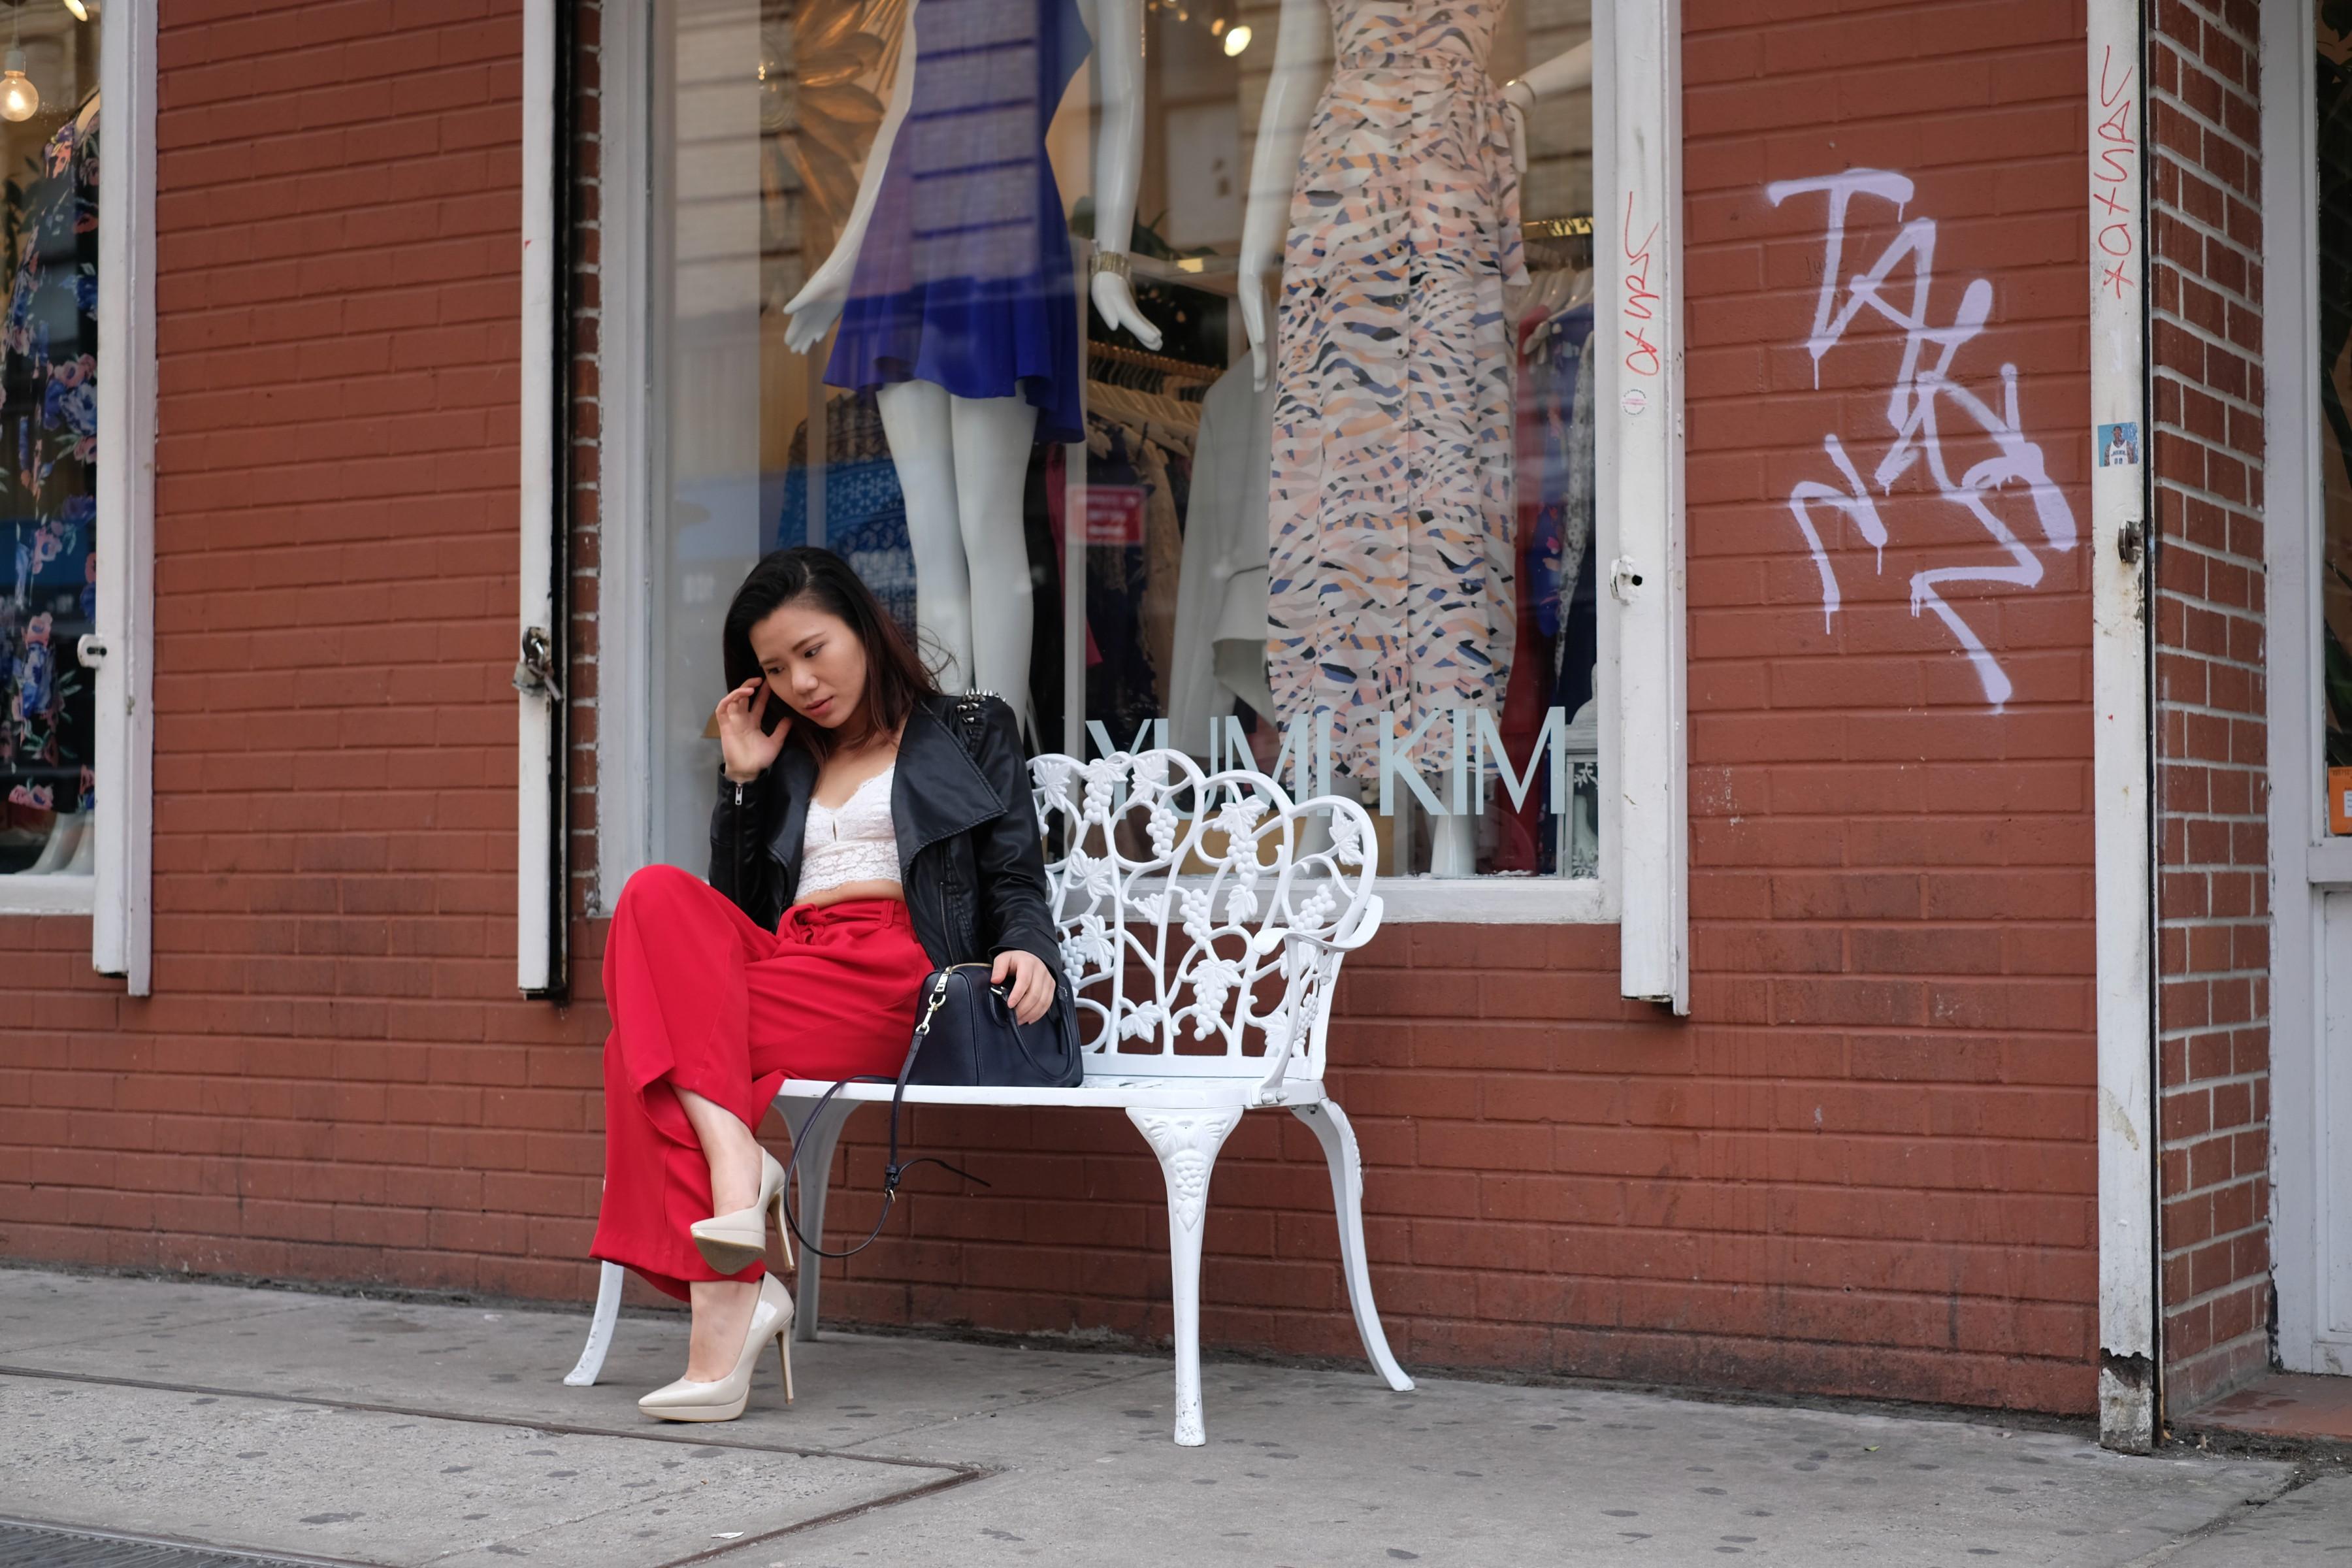 Lower East Side